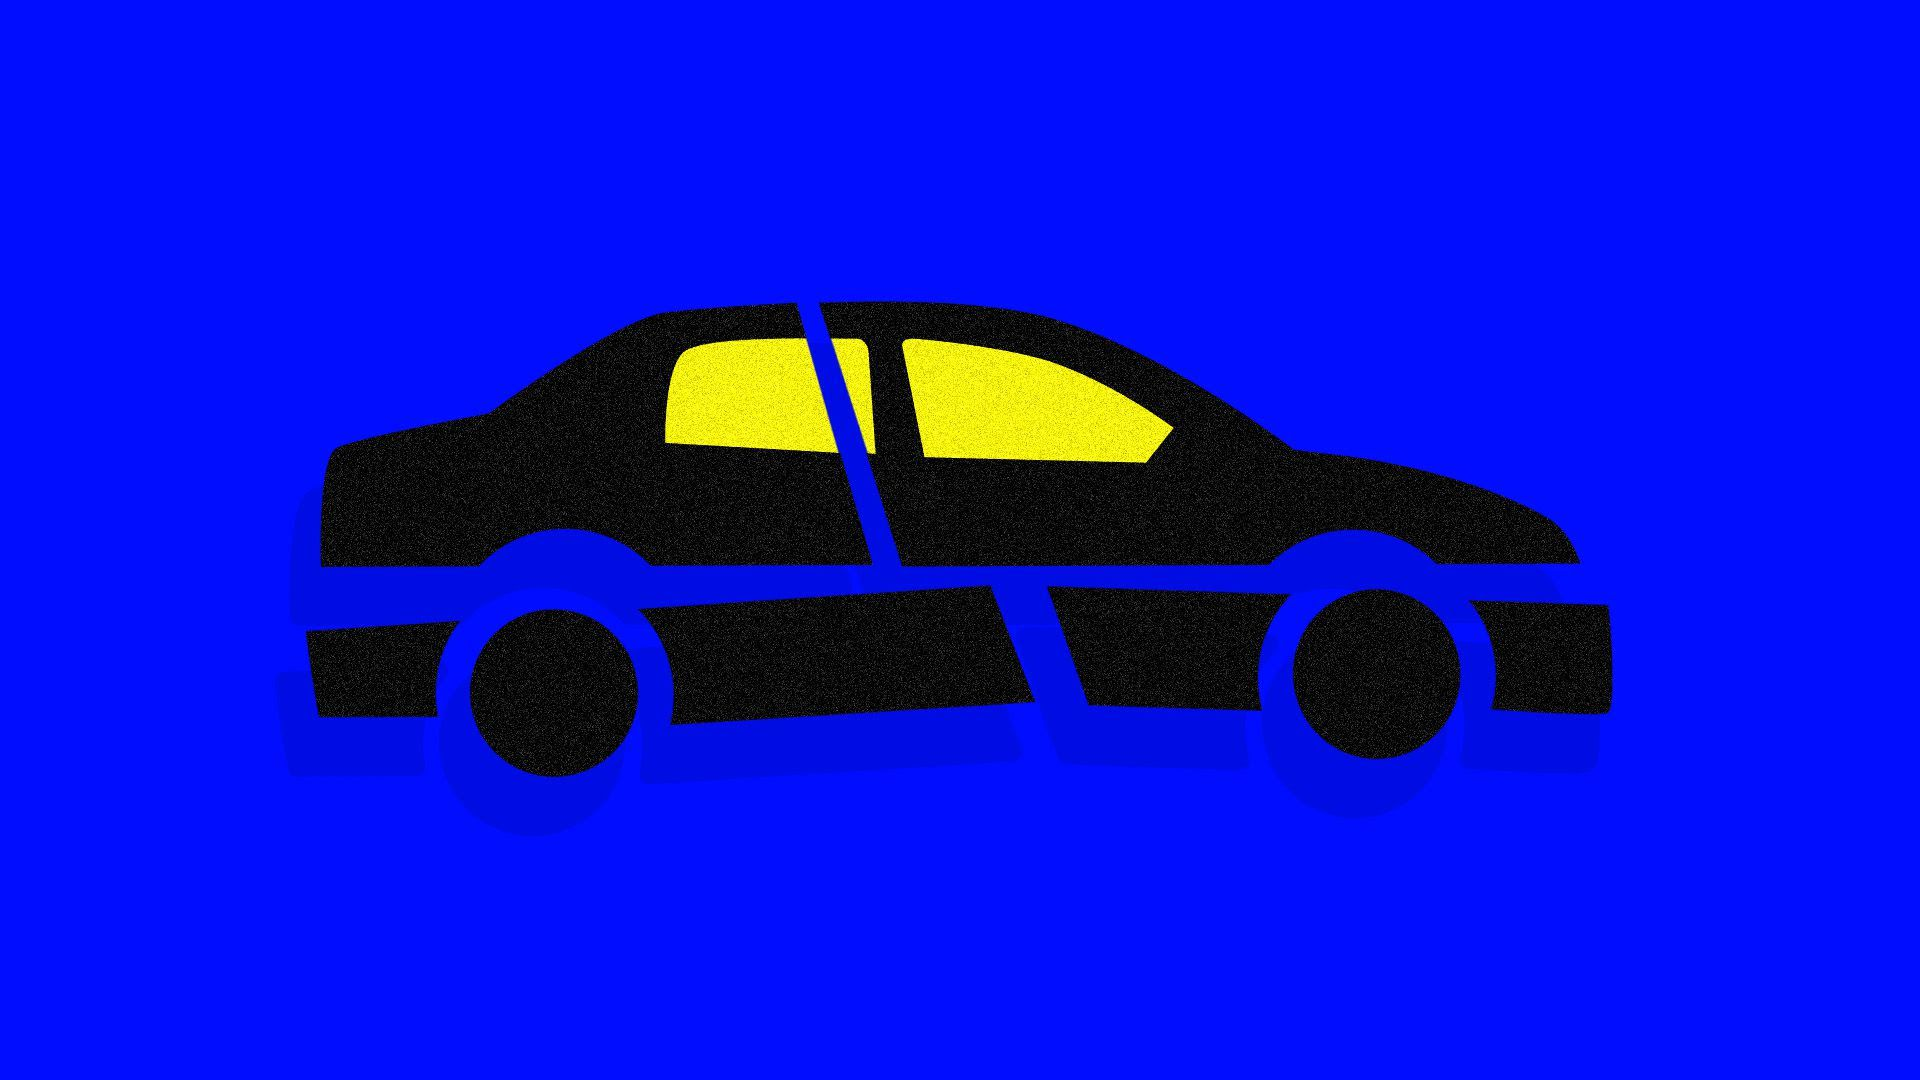 illustration of a car broken up